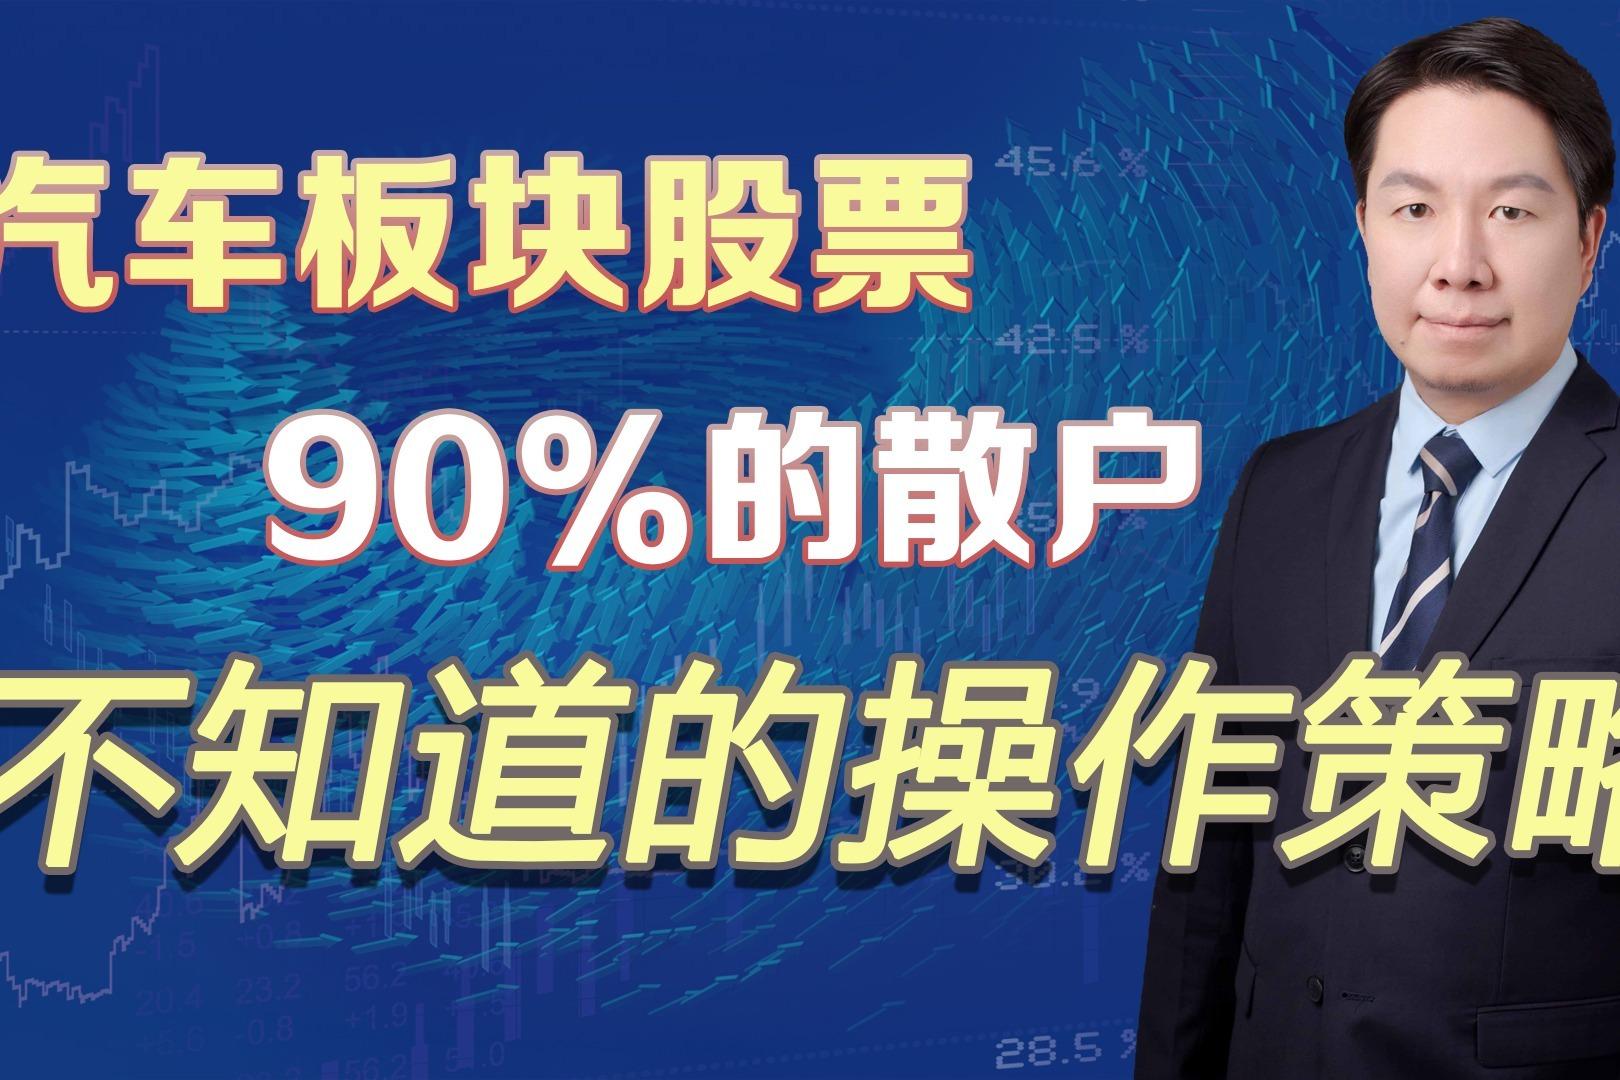 汽车板块股票90%的散户不知道的操作策略